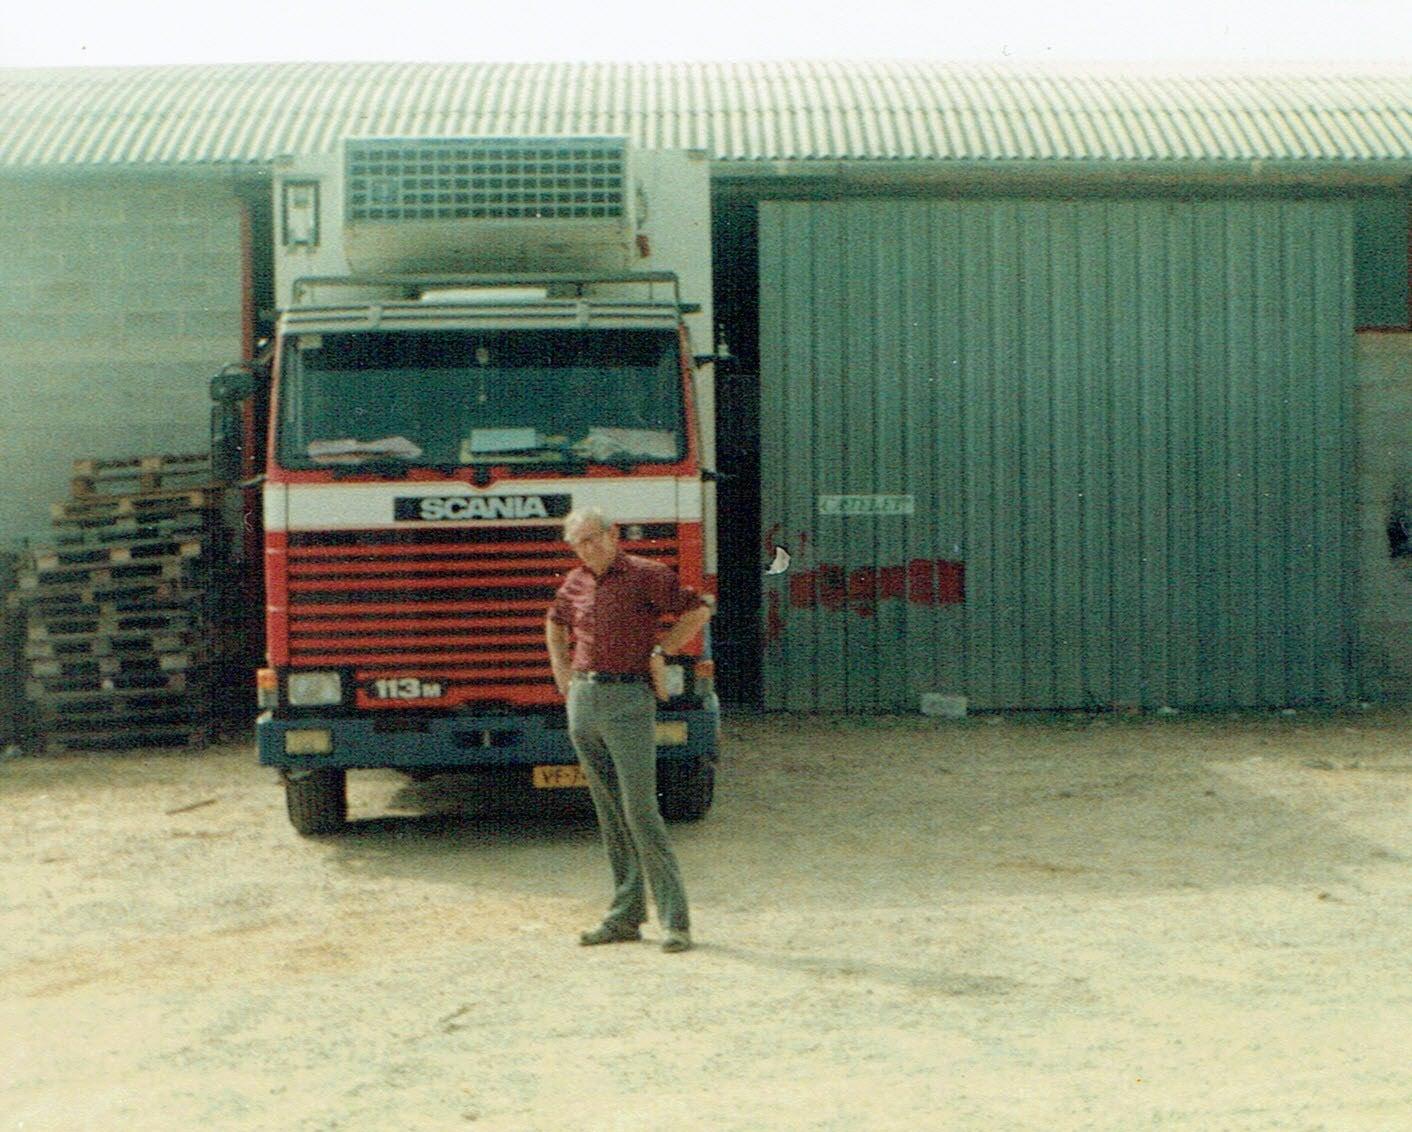 Jaap-Warnders--1990-mijn-vader-mee-rit-bloemen-naar-Italie-en-druiven-naar-Duitsland-retour--(1)